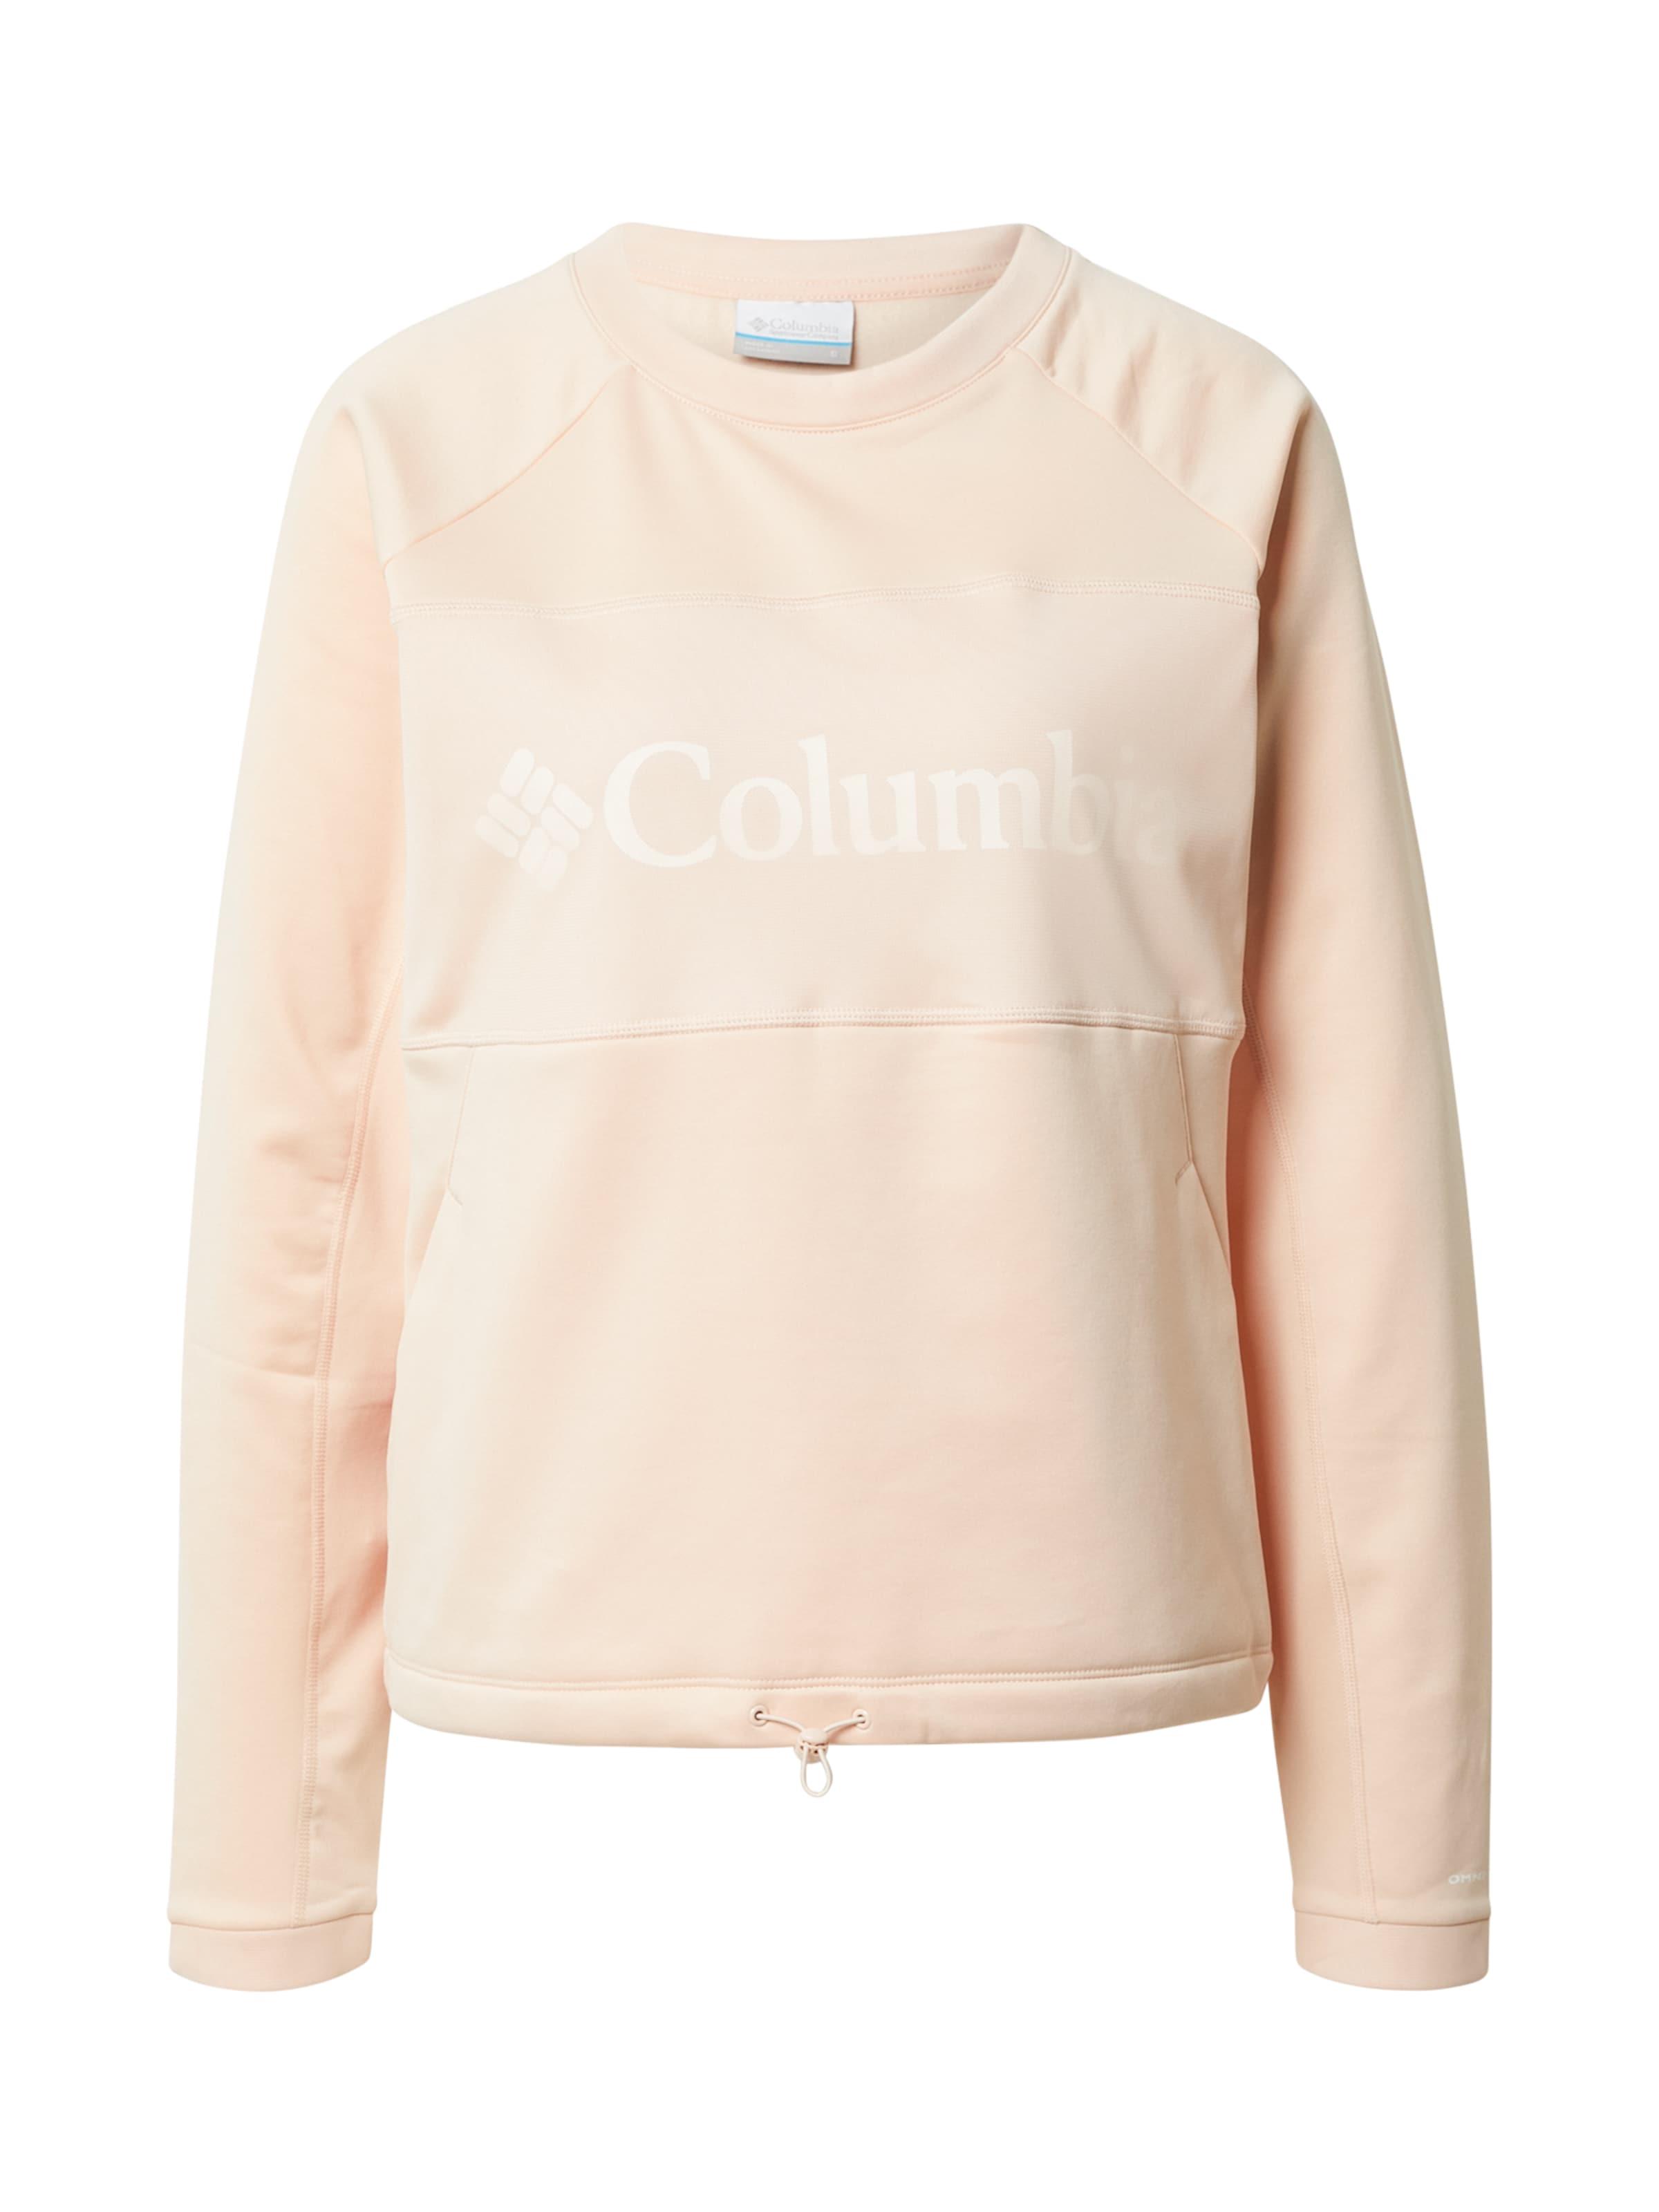 COLUMBIA Sport szabadidős felsők rózsaszín / fehér színben